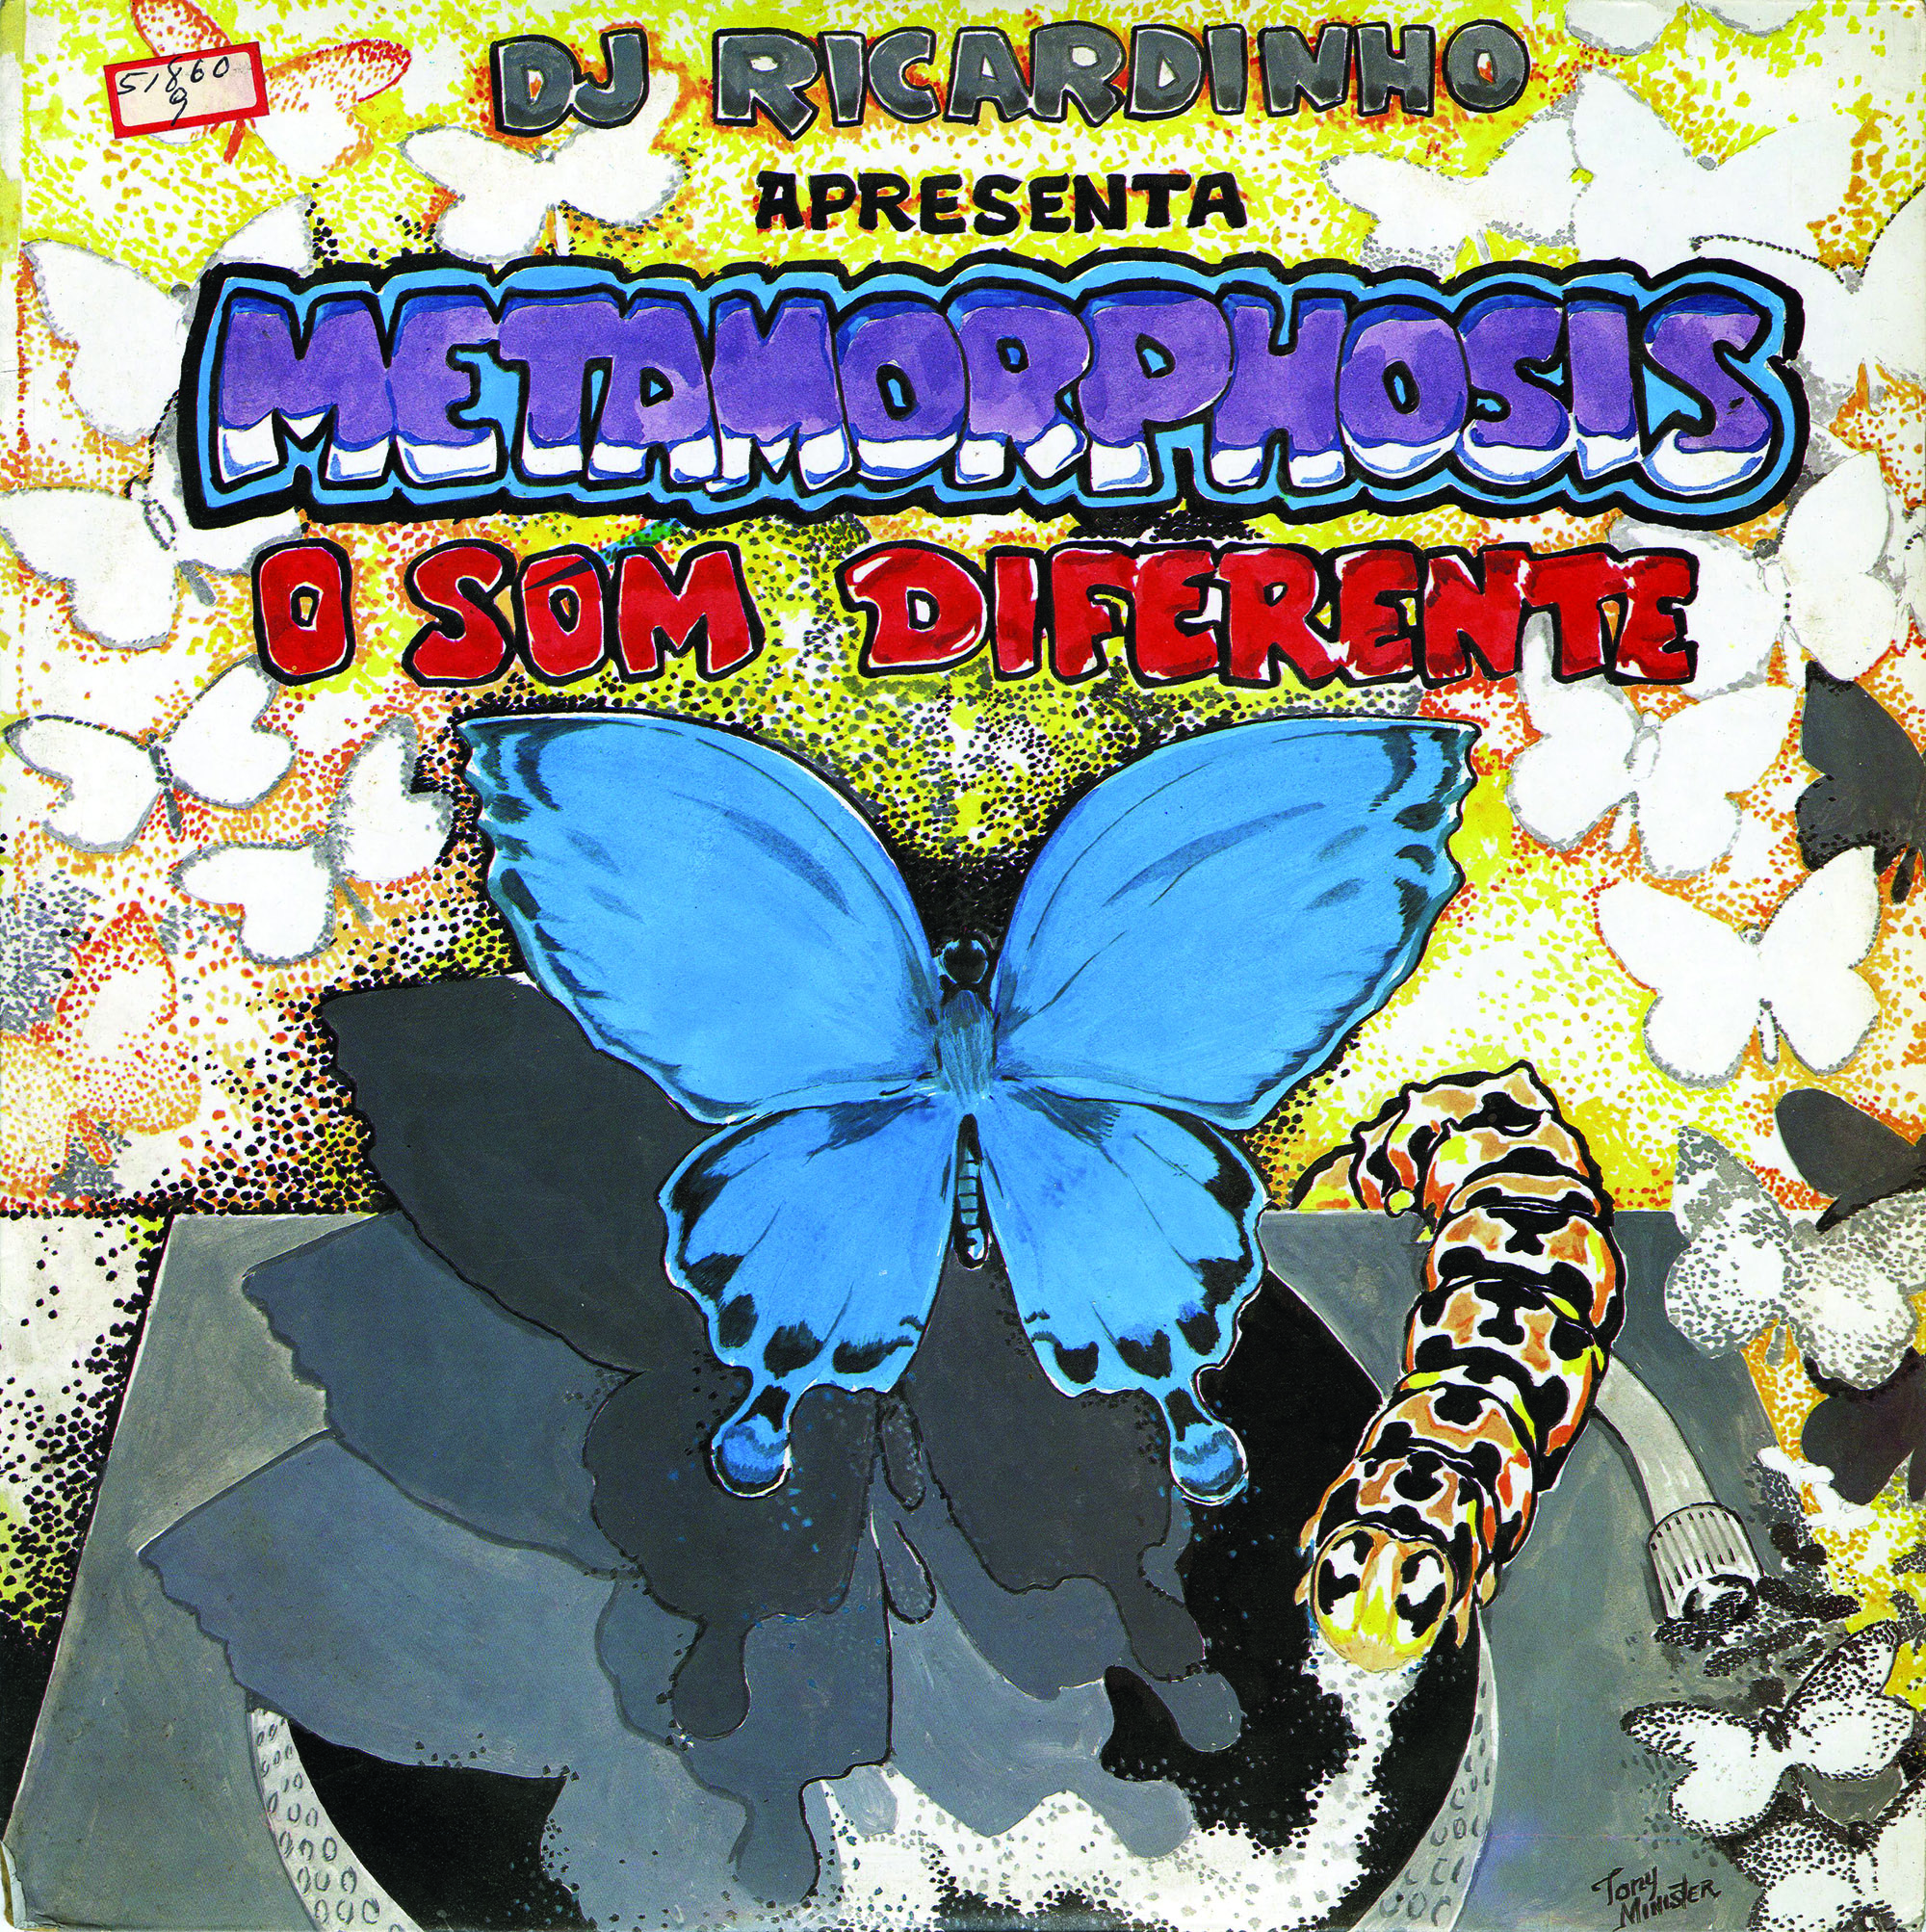 DJ Ricardinho - Apresenta Metamorphosis: O Som Diferente